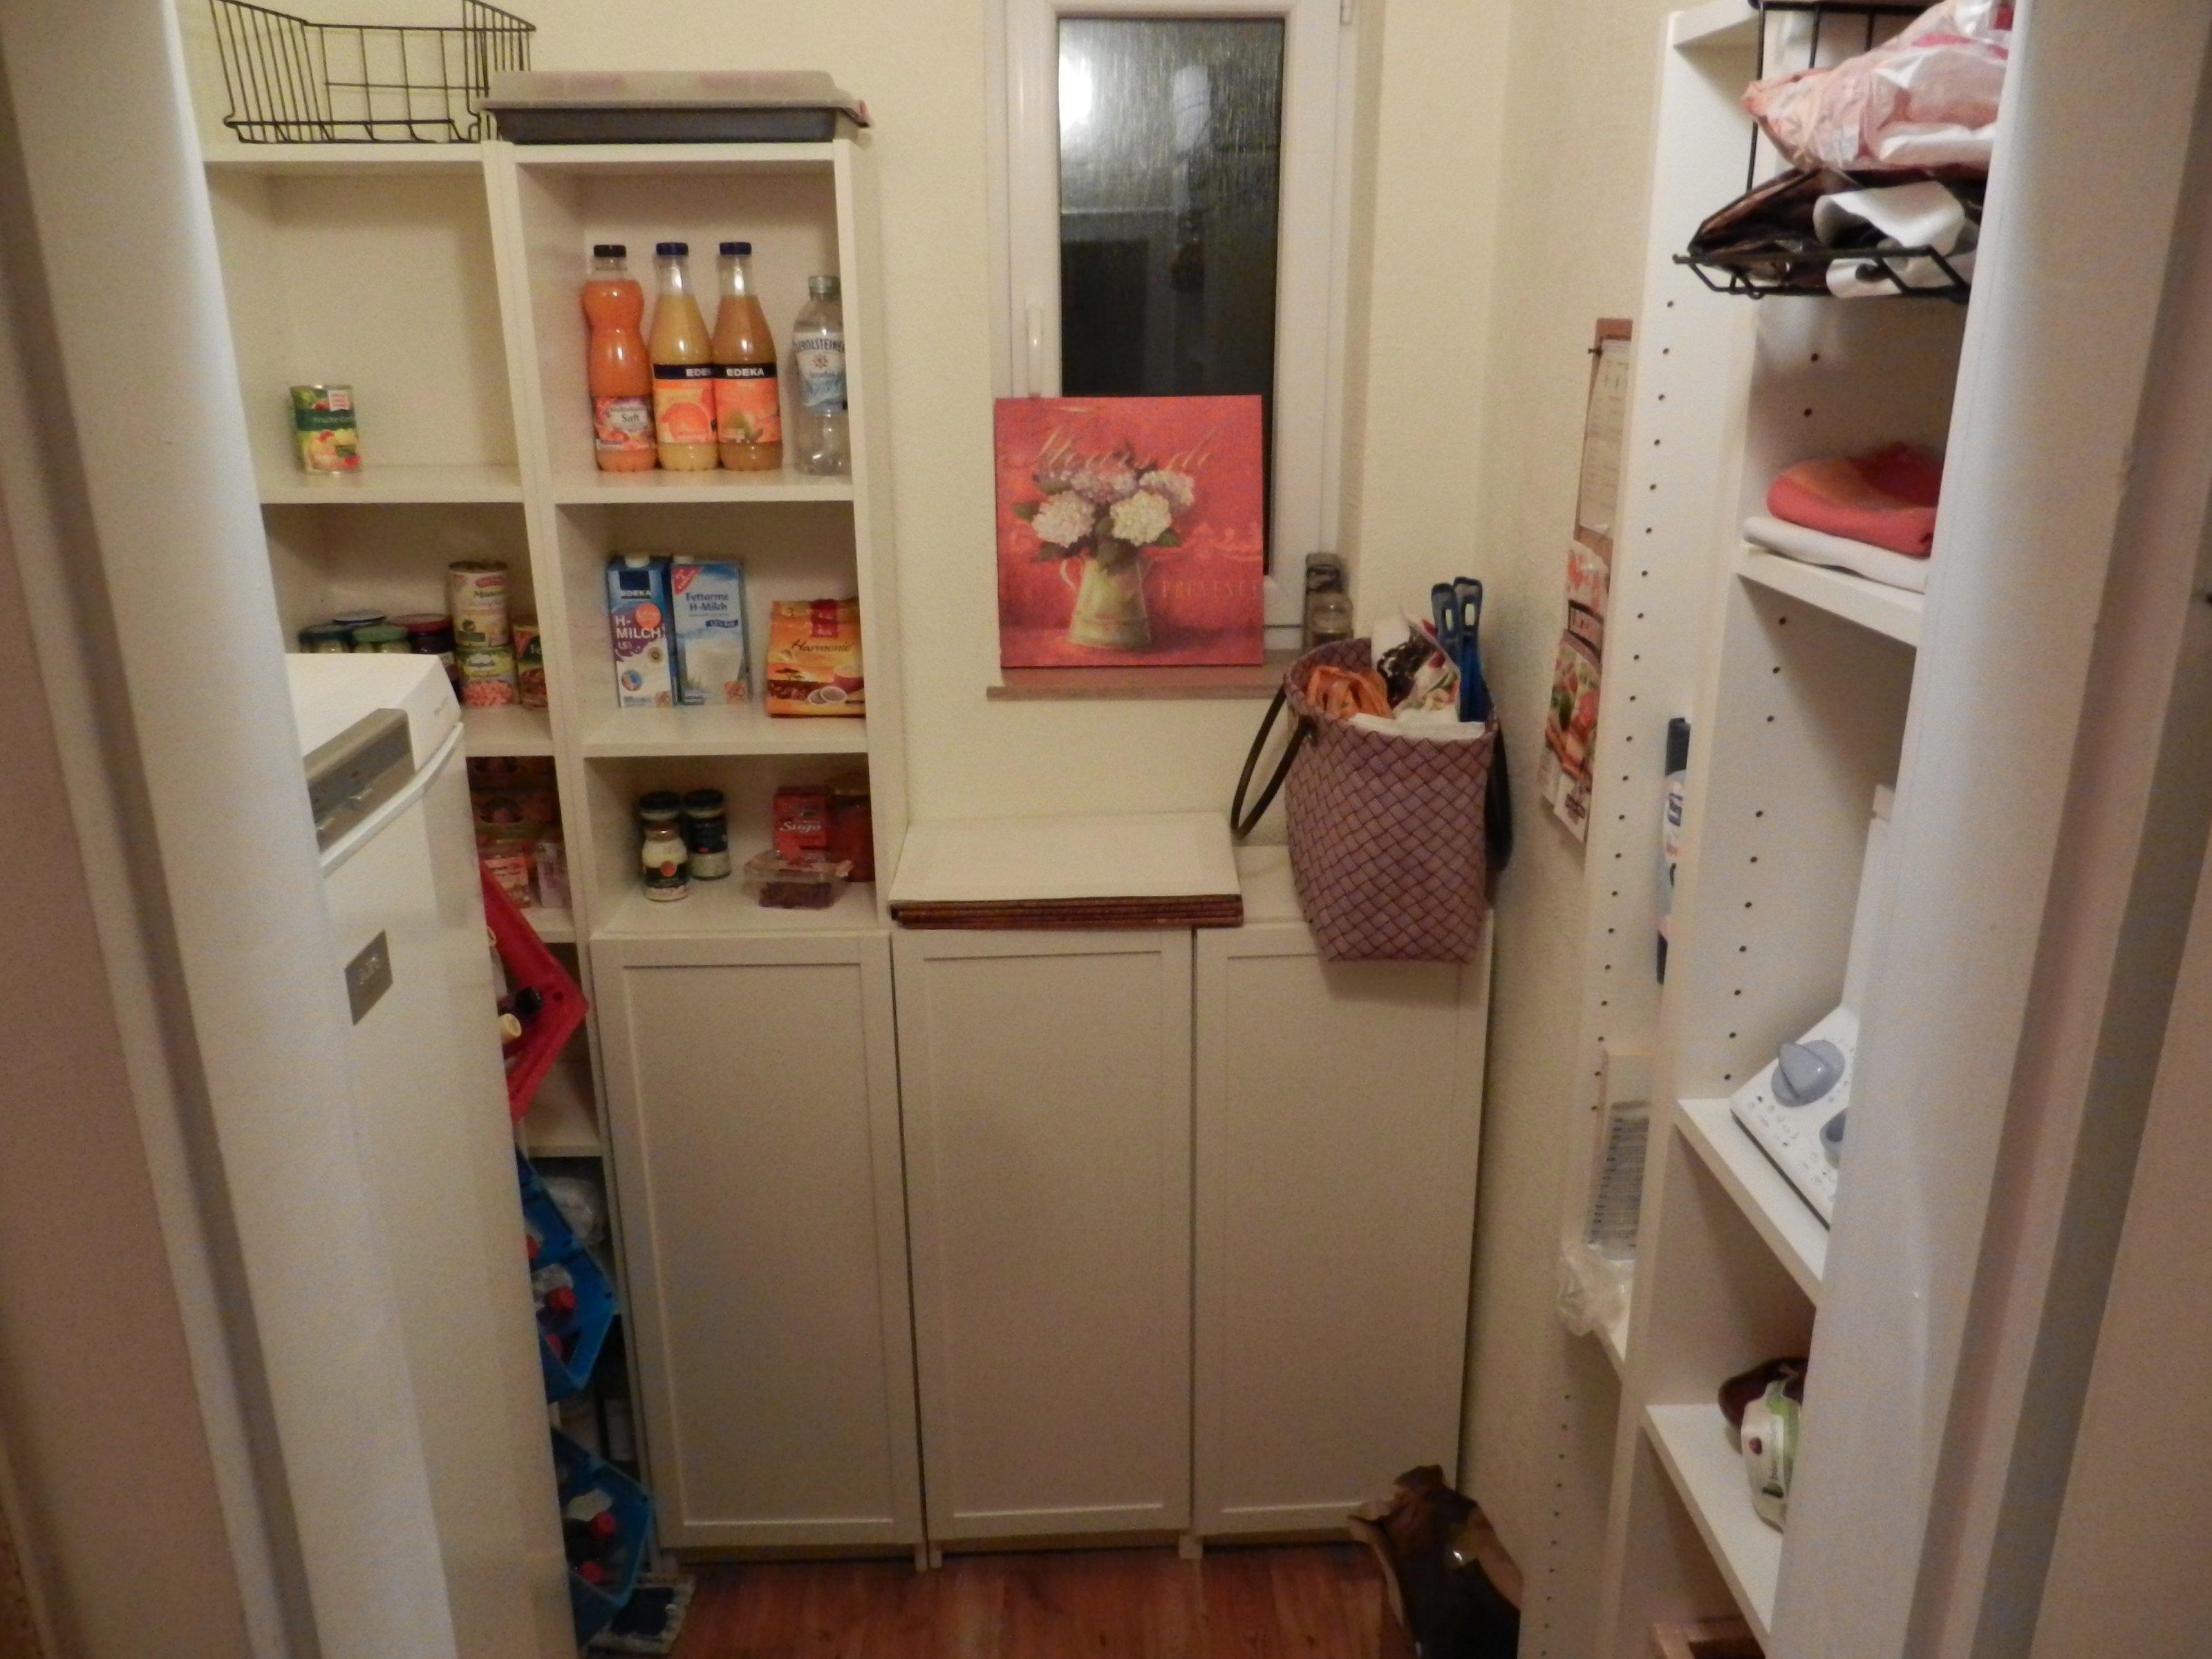 Fantastisch Eine Küche Speisekammer Schrank Bauen Fotos - Ideen Für ...